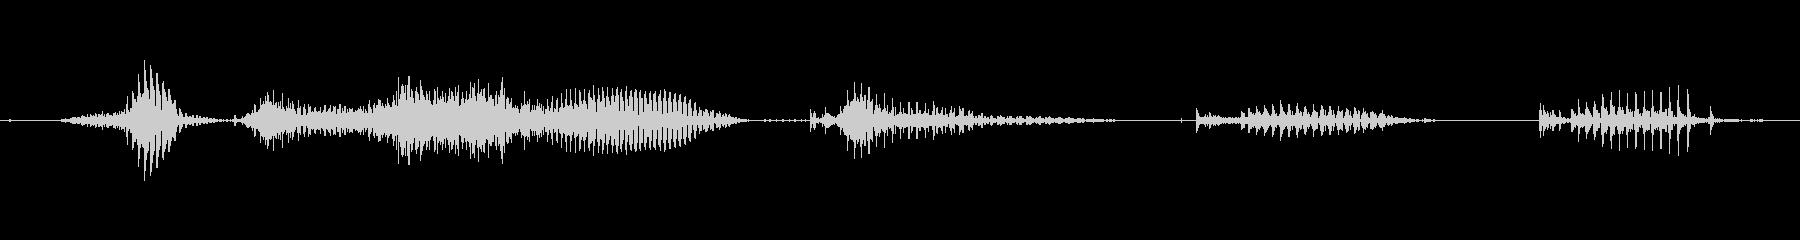 【日数・経過】8週間経過の未再生の波形